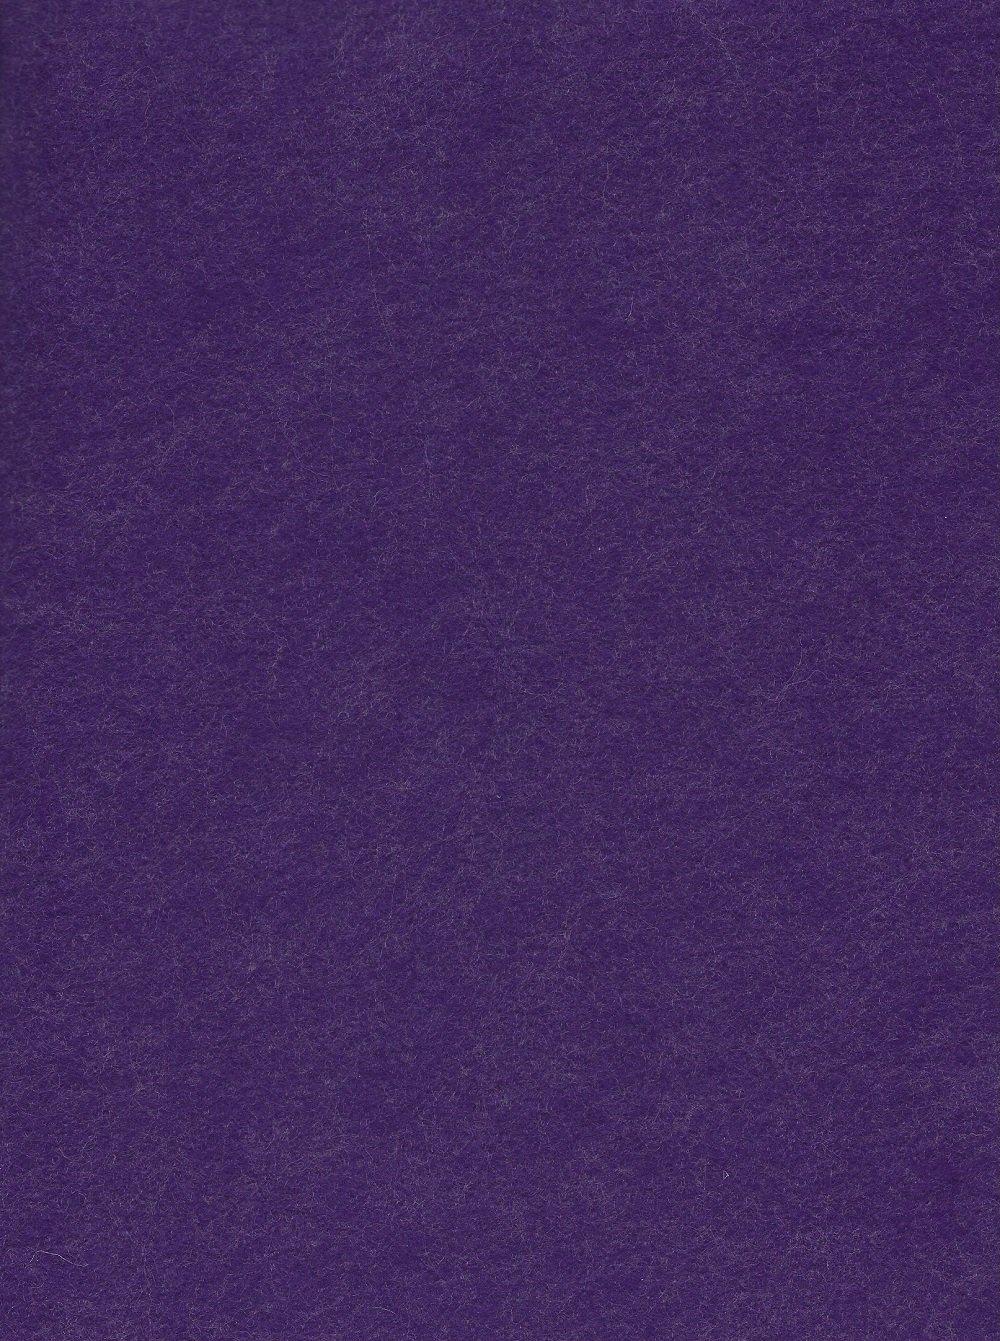 Grape Jelly - 12 x 18 Square